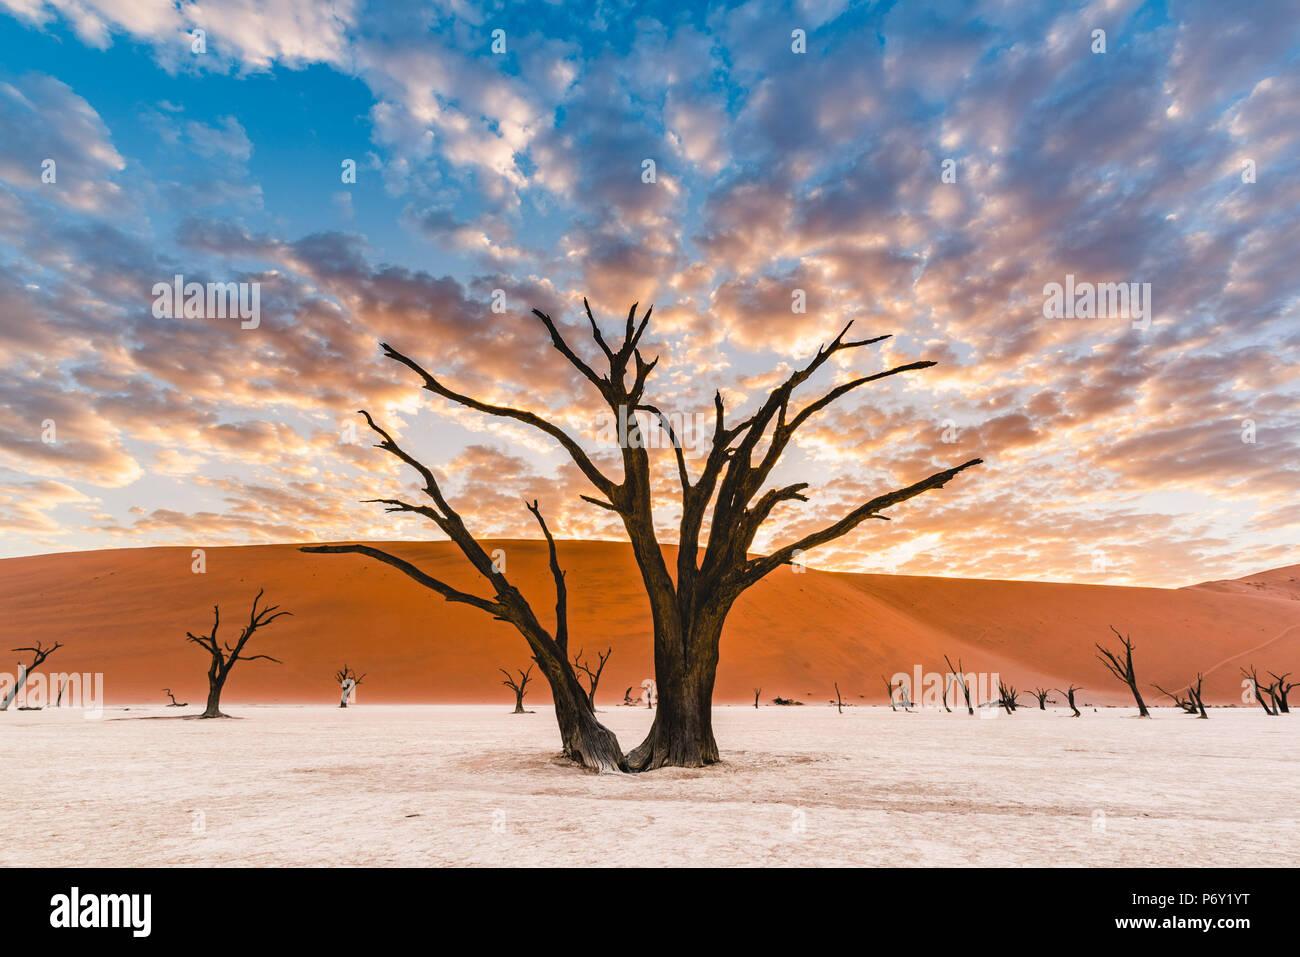 Deadvlei clay pan, Namib-Naukluft National Park, Namibie, Afrique. Acacia arbres morts et des dunes de sable. Banque D'Images